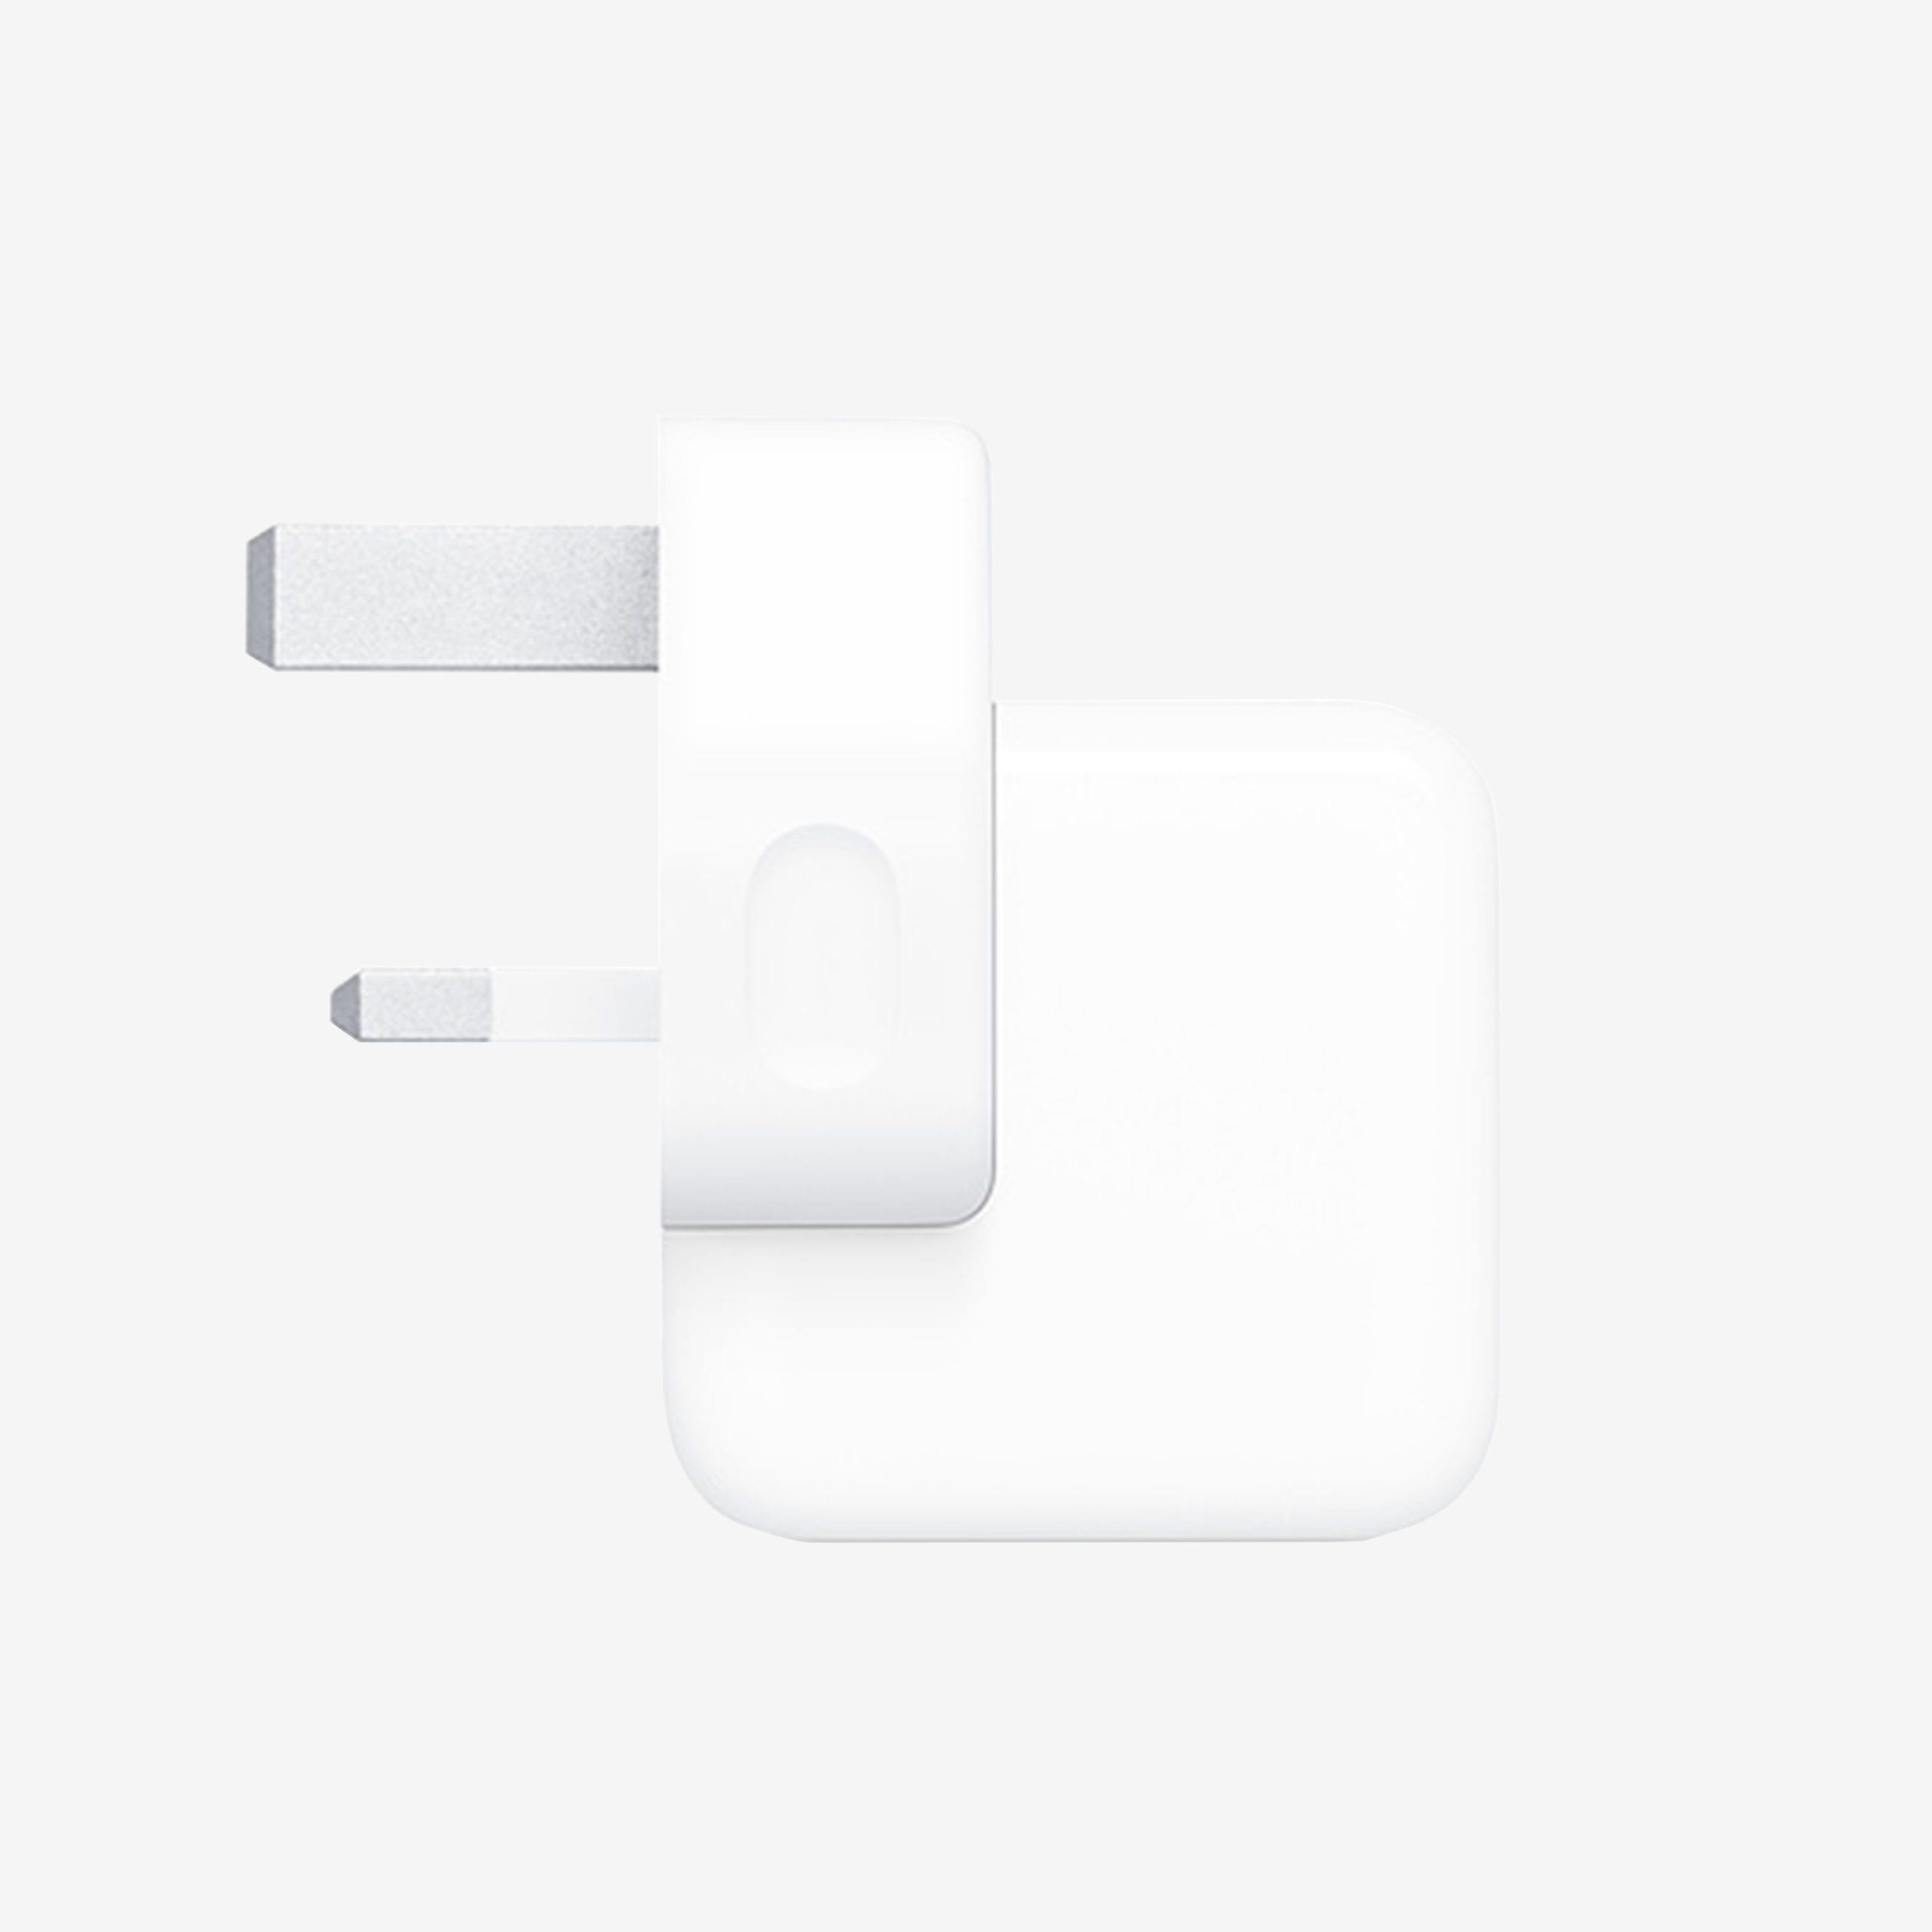 1 x USB Power Plug